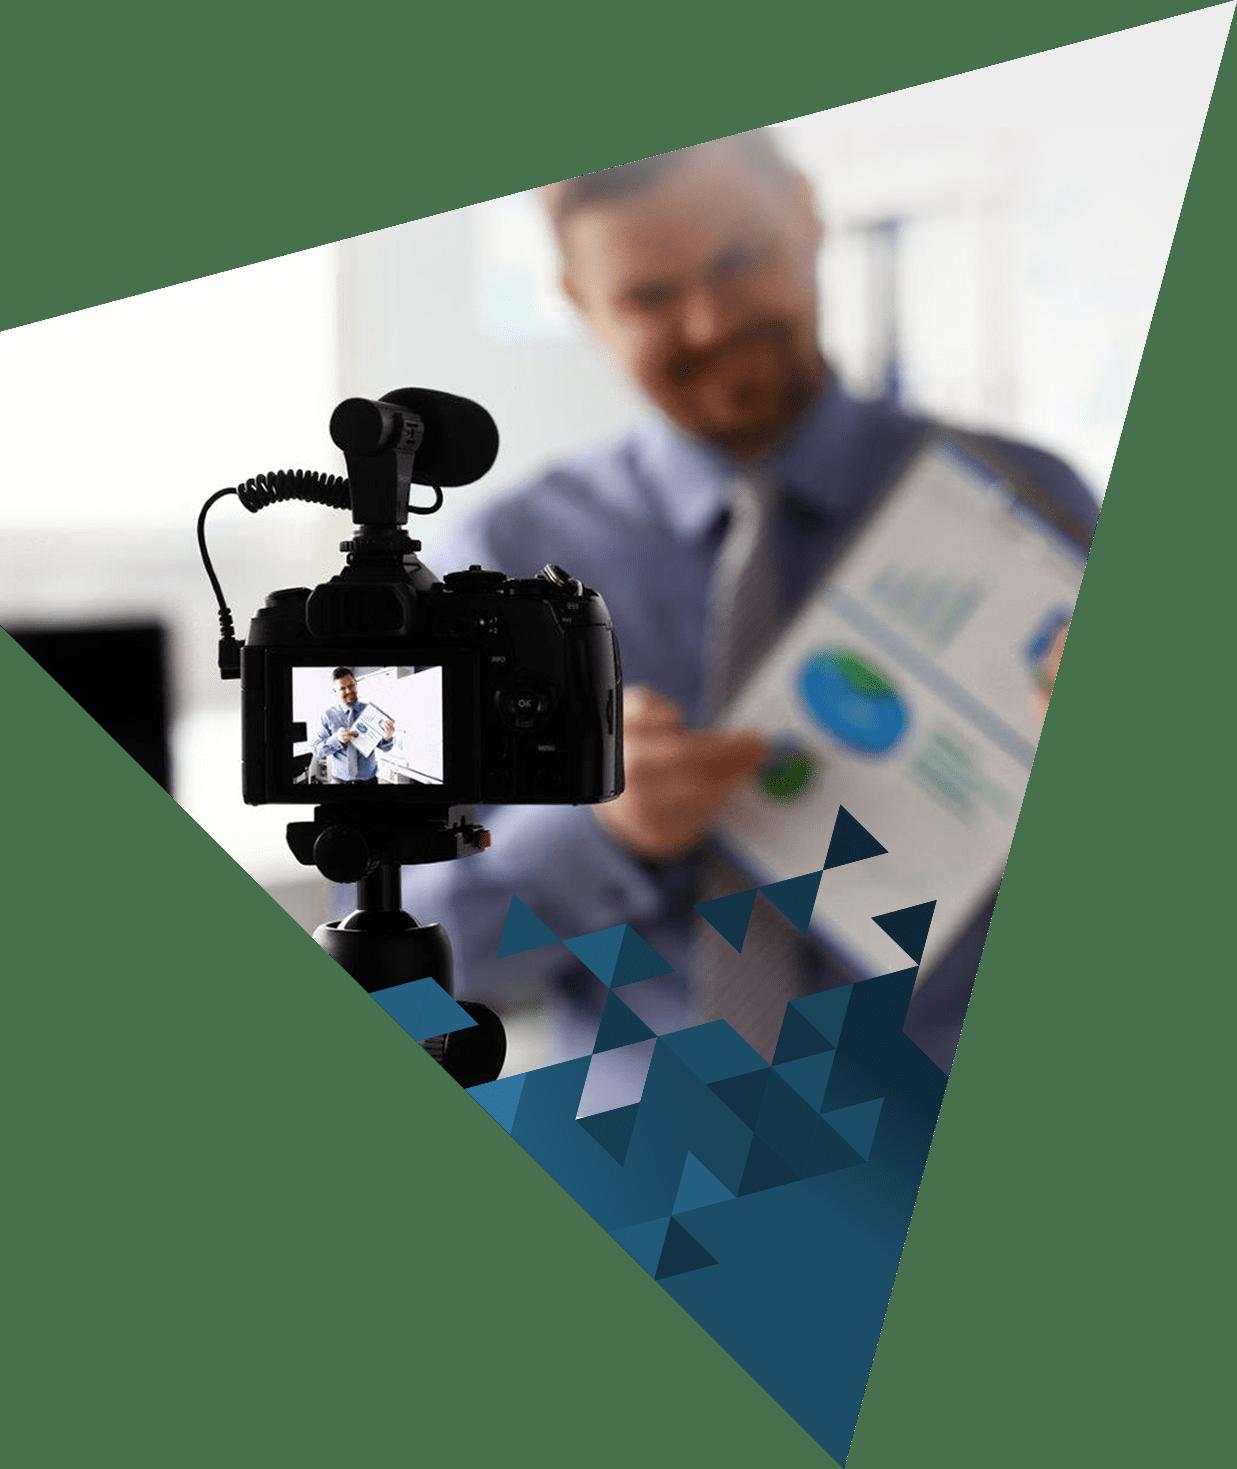 https://www.assetanalytix.com/wp-content/uploads/2020/04/camera-instructor.png